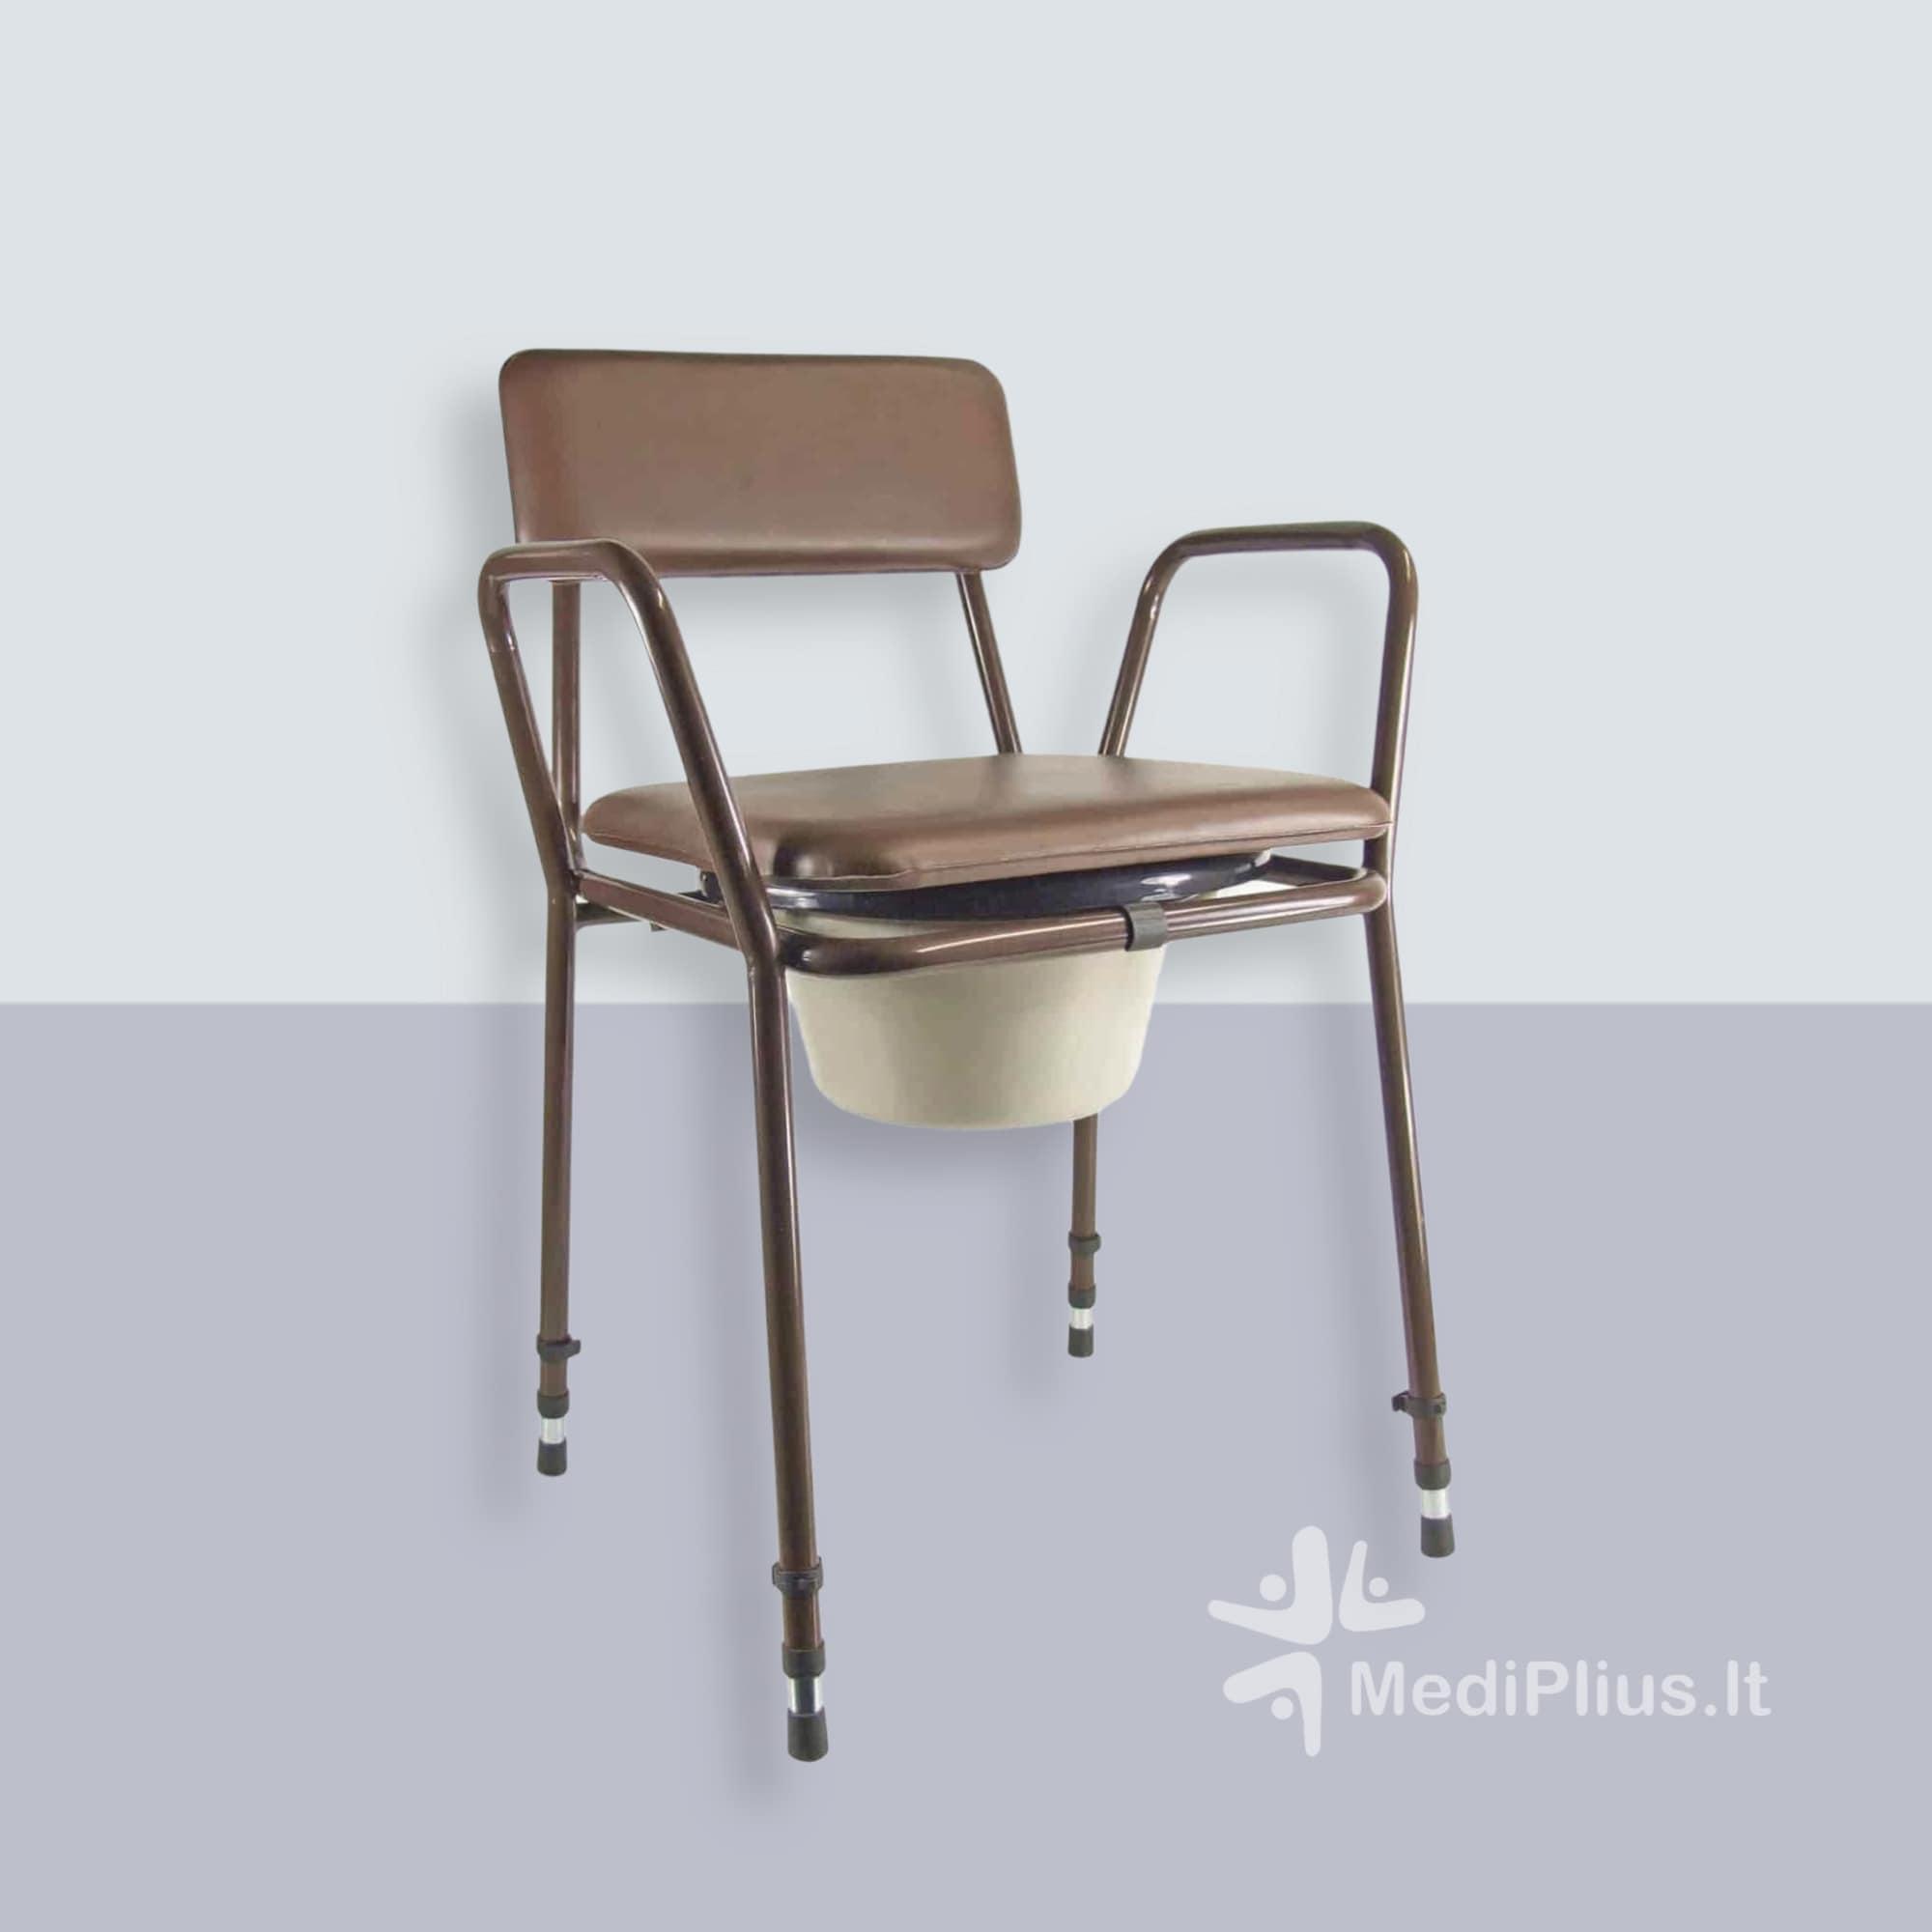 Tualeto kėdė su reguliuojamu aukščiu